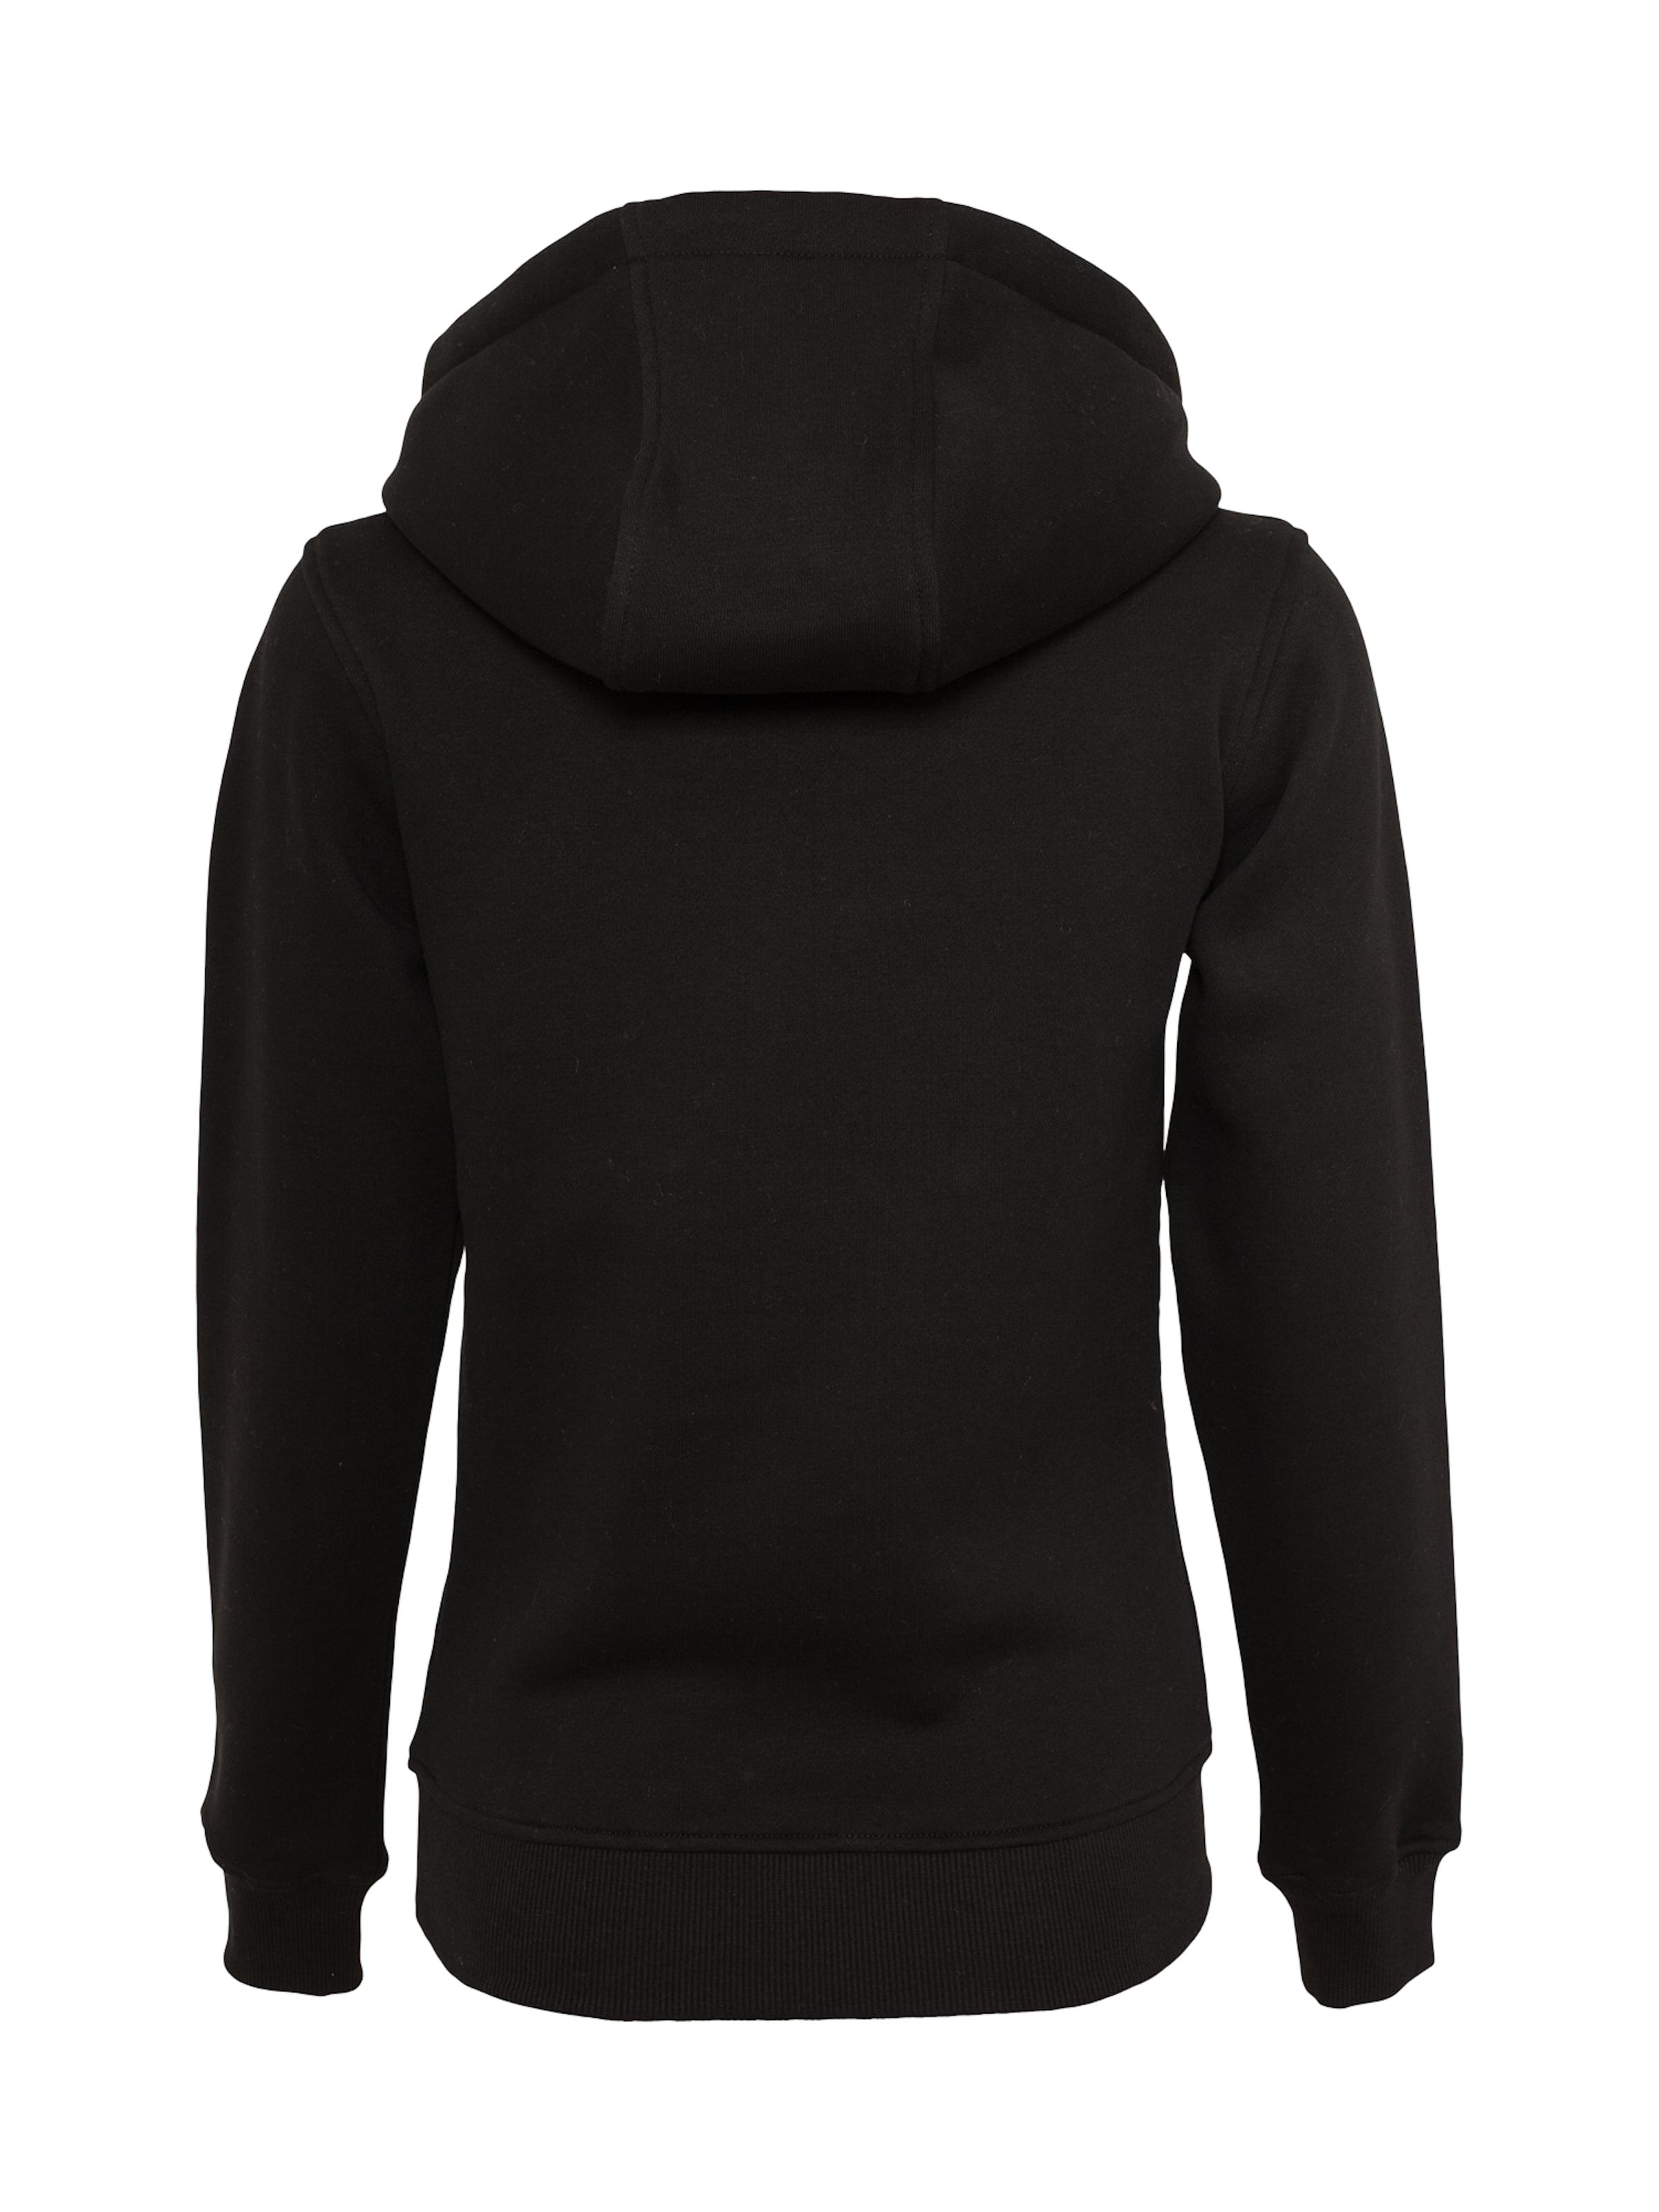 In Schwarz In Sweatshirt Merchcode Merchcode Sweatshirt Schwarz 3jR5L4Acq